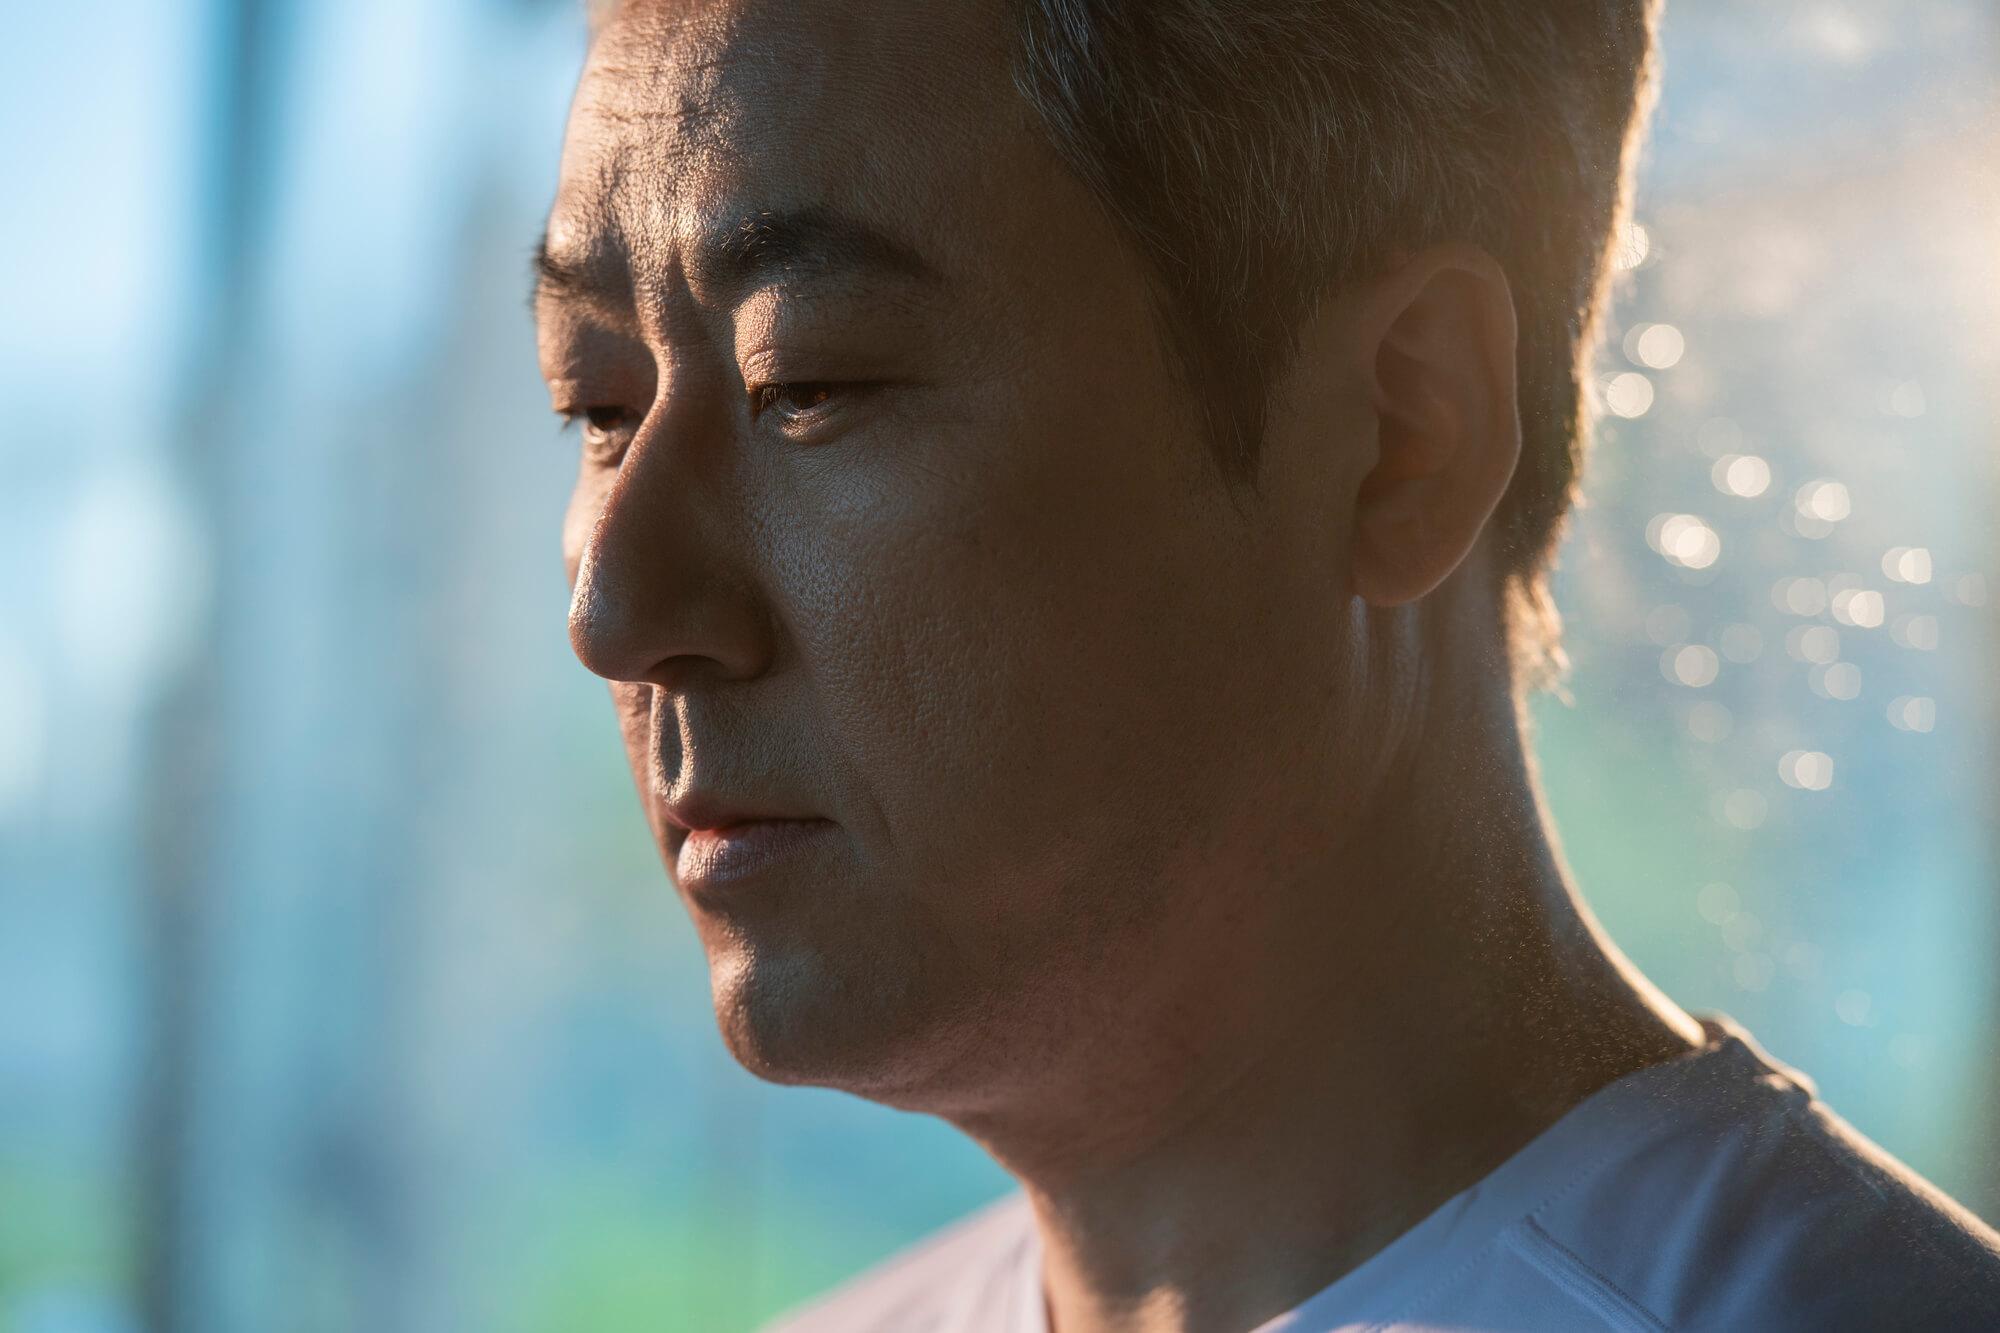 発達障害が原因のうつ病を発症し休職している40代の男性